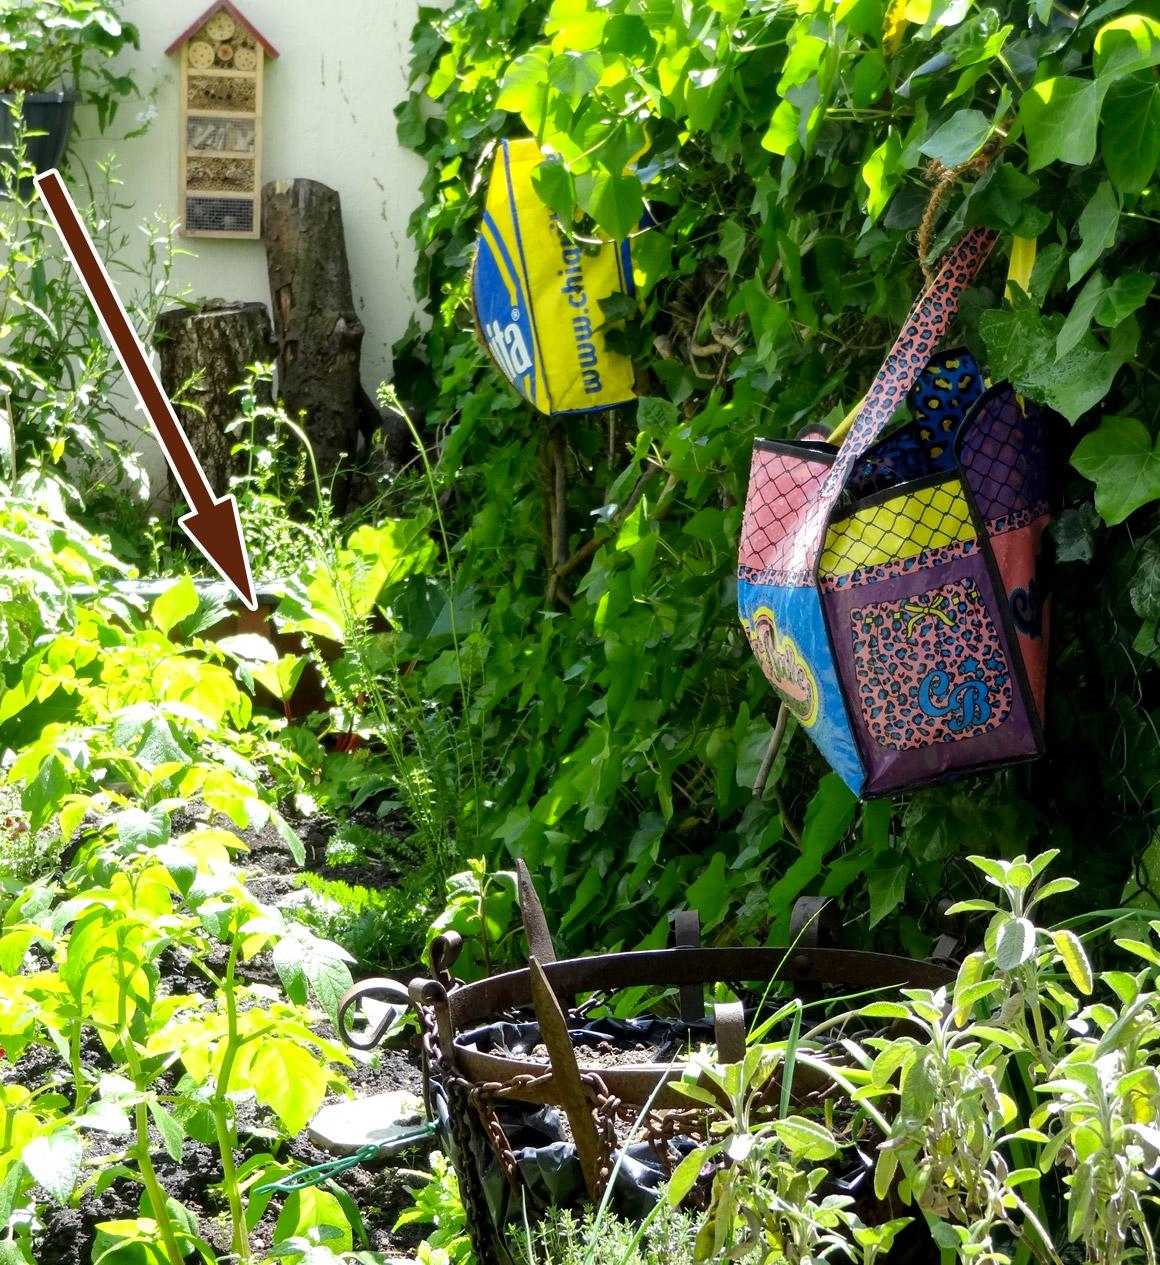 Rhabarber im Garten - wenige Wochen vor der Ernte